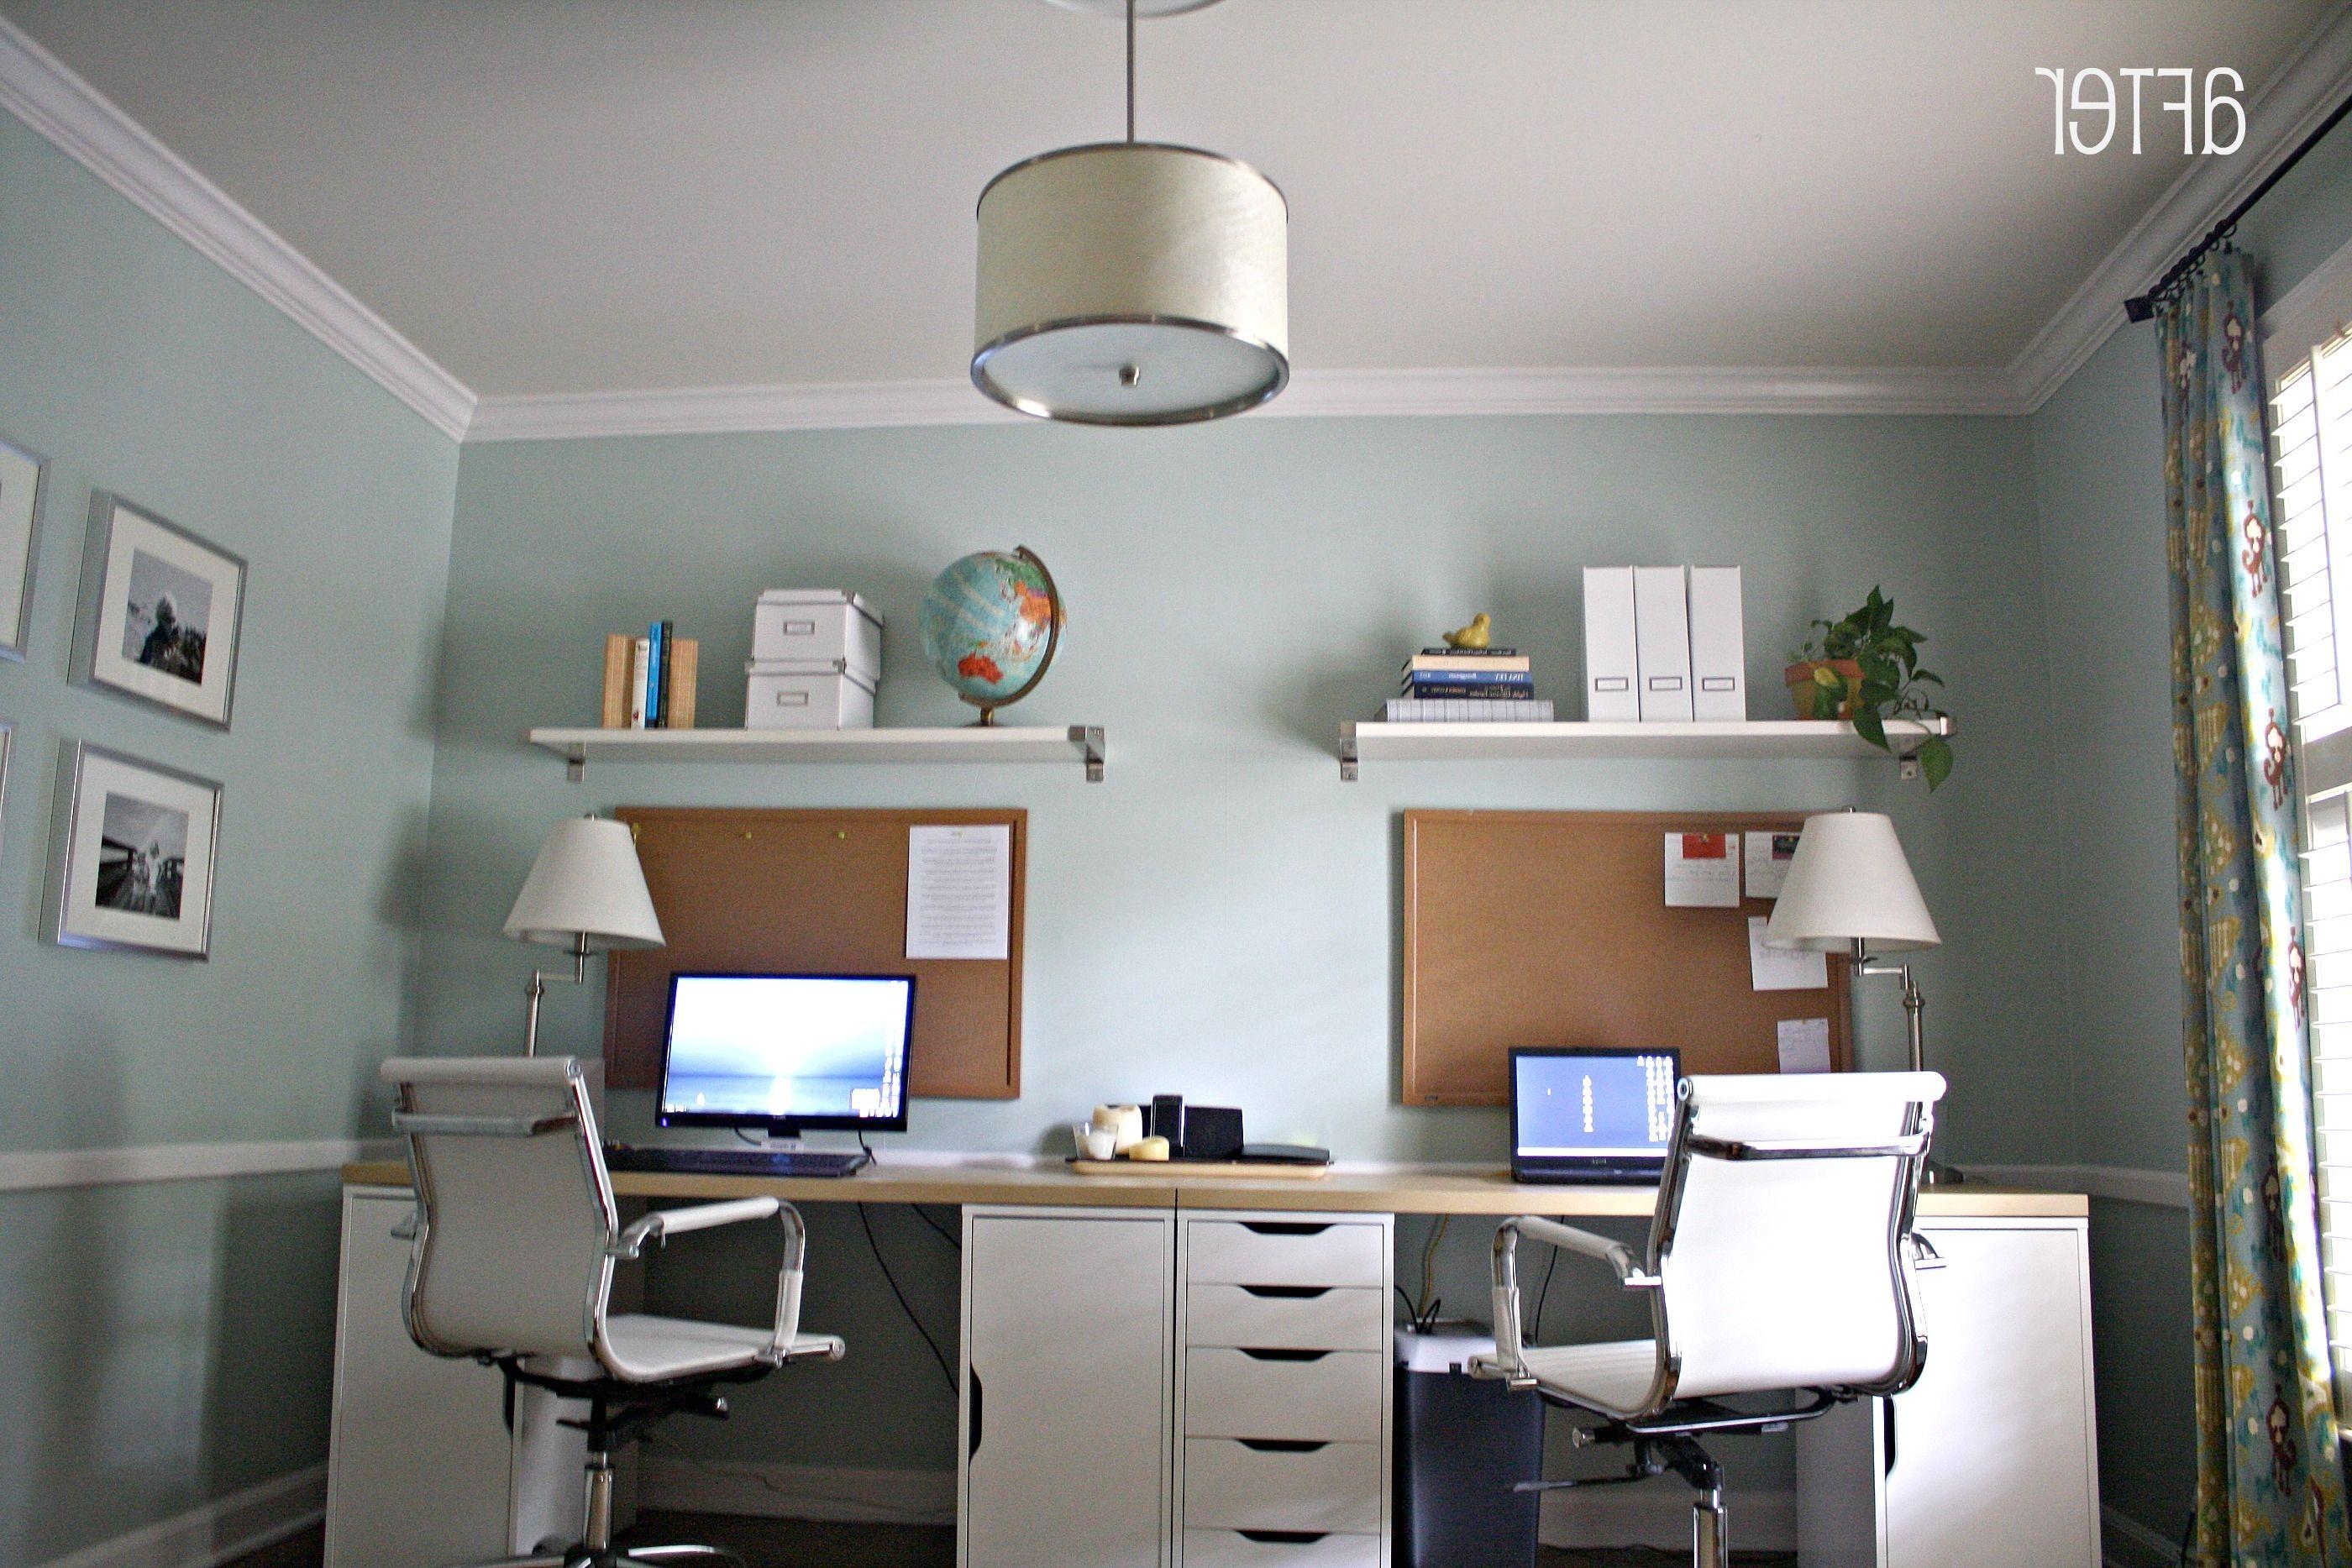 Home fice Home fice Corner Desk 2 Person H Home Design